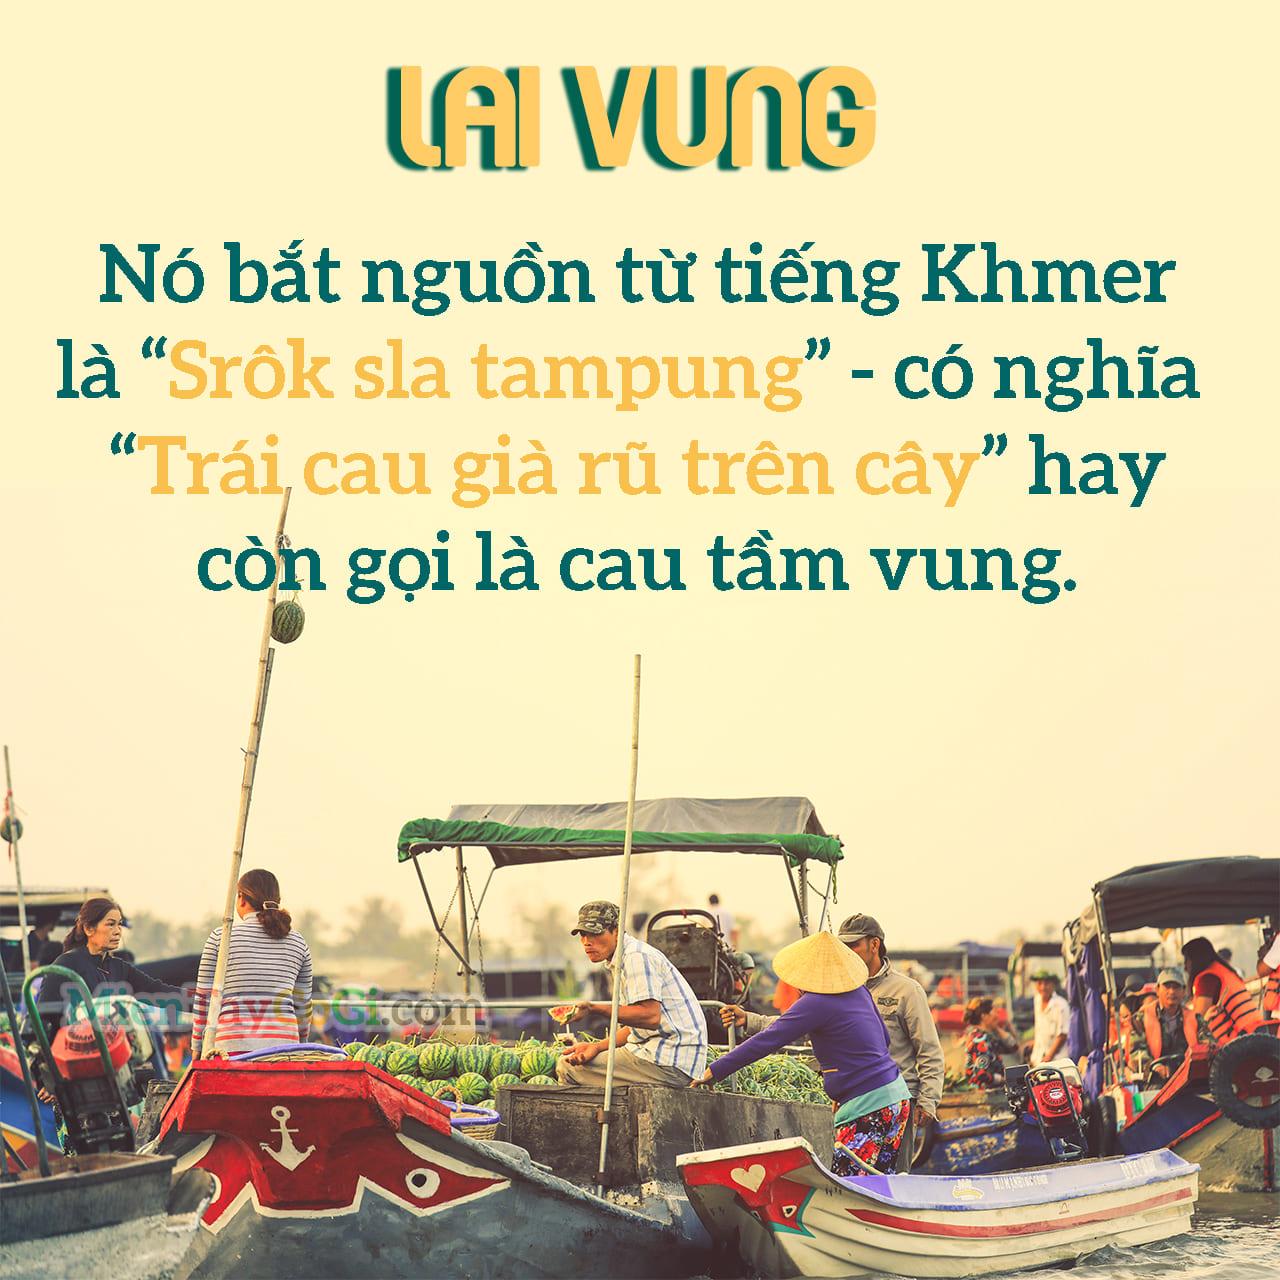 Ý nghĩa của địa danh Lai Vung là gì